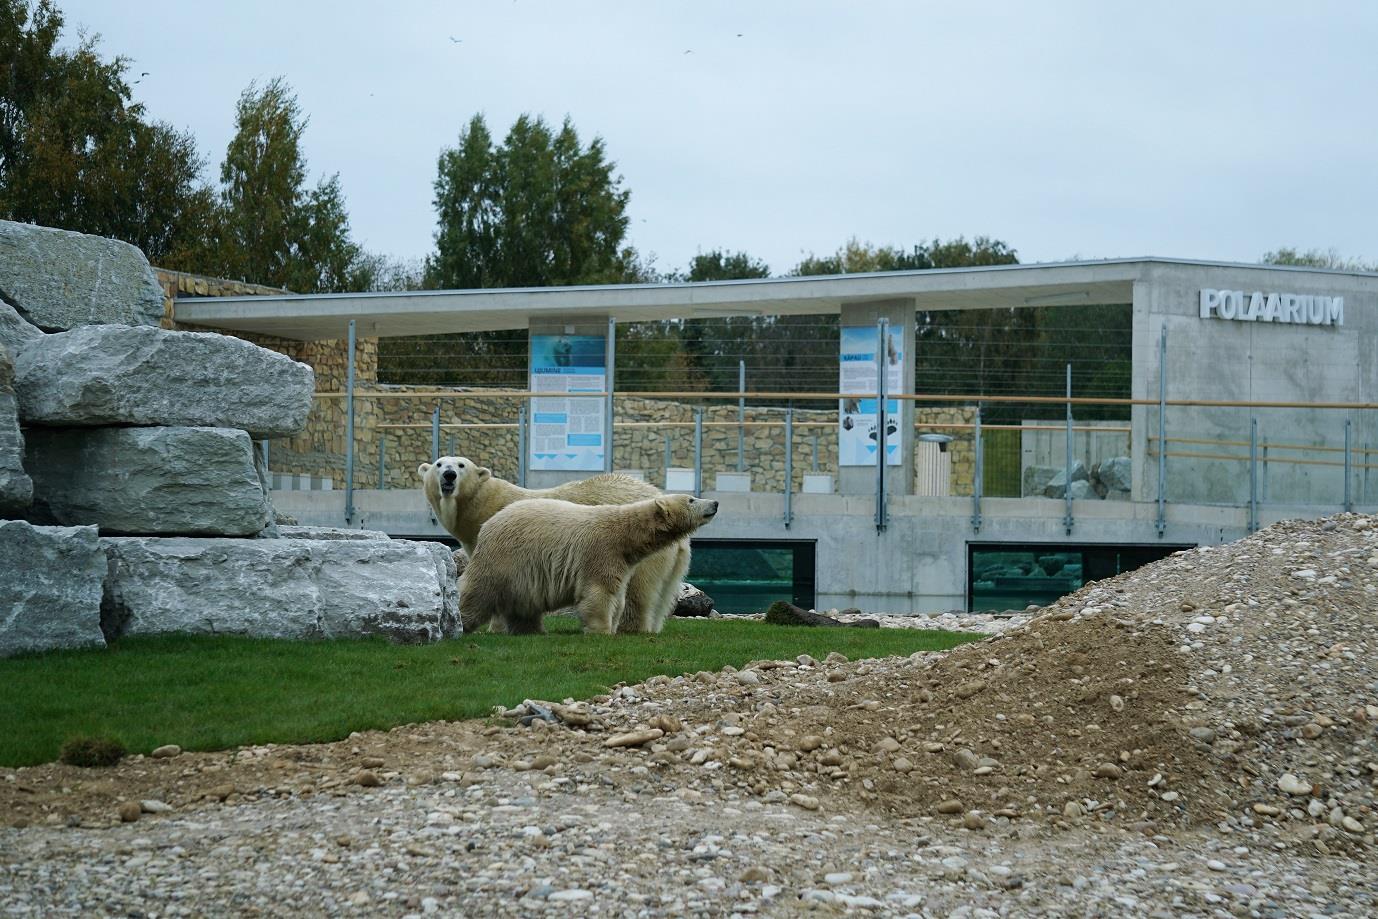 PALJU ÕNNE JÄÄKARUDELE! Loomaaias tähistatakse kolme jääkaru sünnipäeva